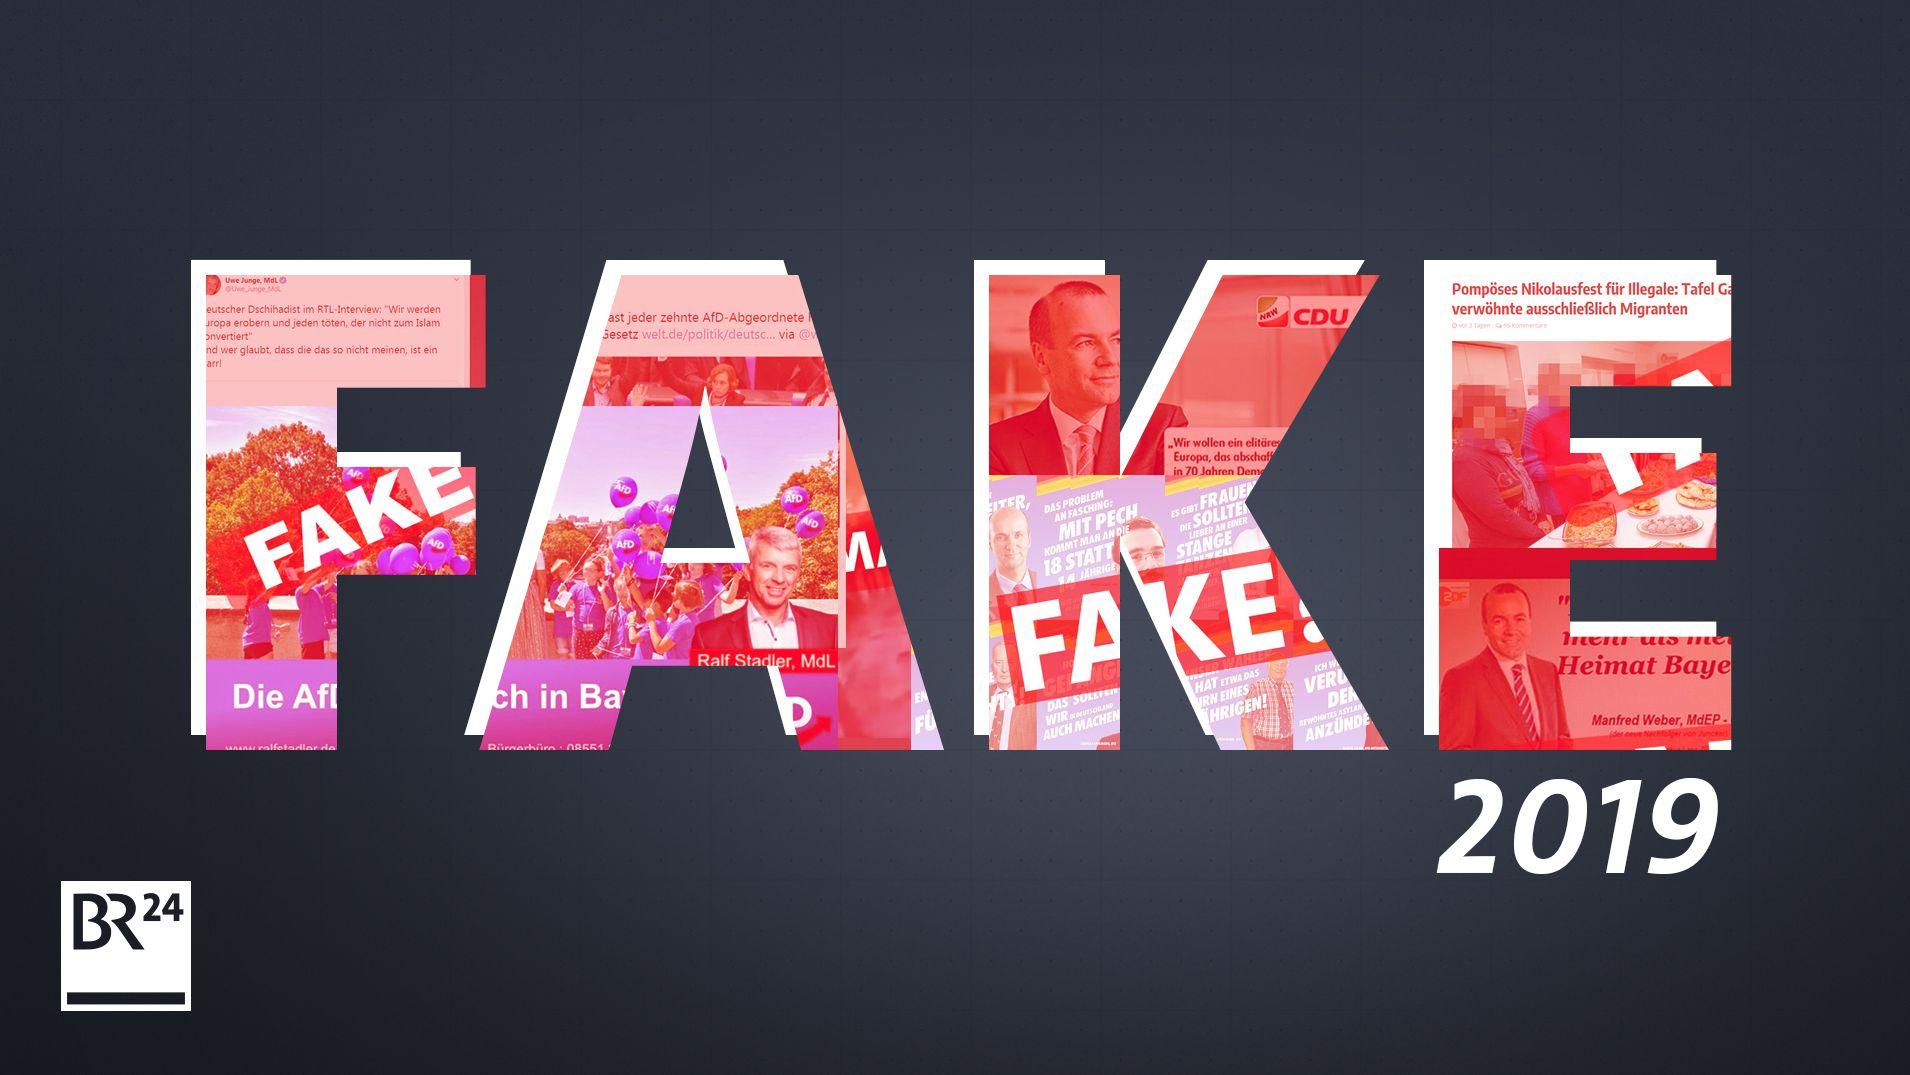 Jahresrückblick auf die Fakes in Politik und Alltag in Bayern